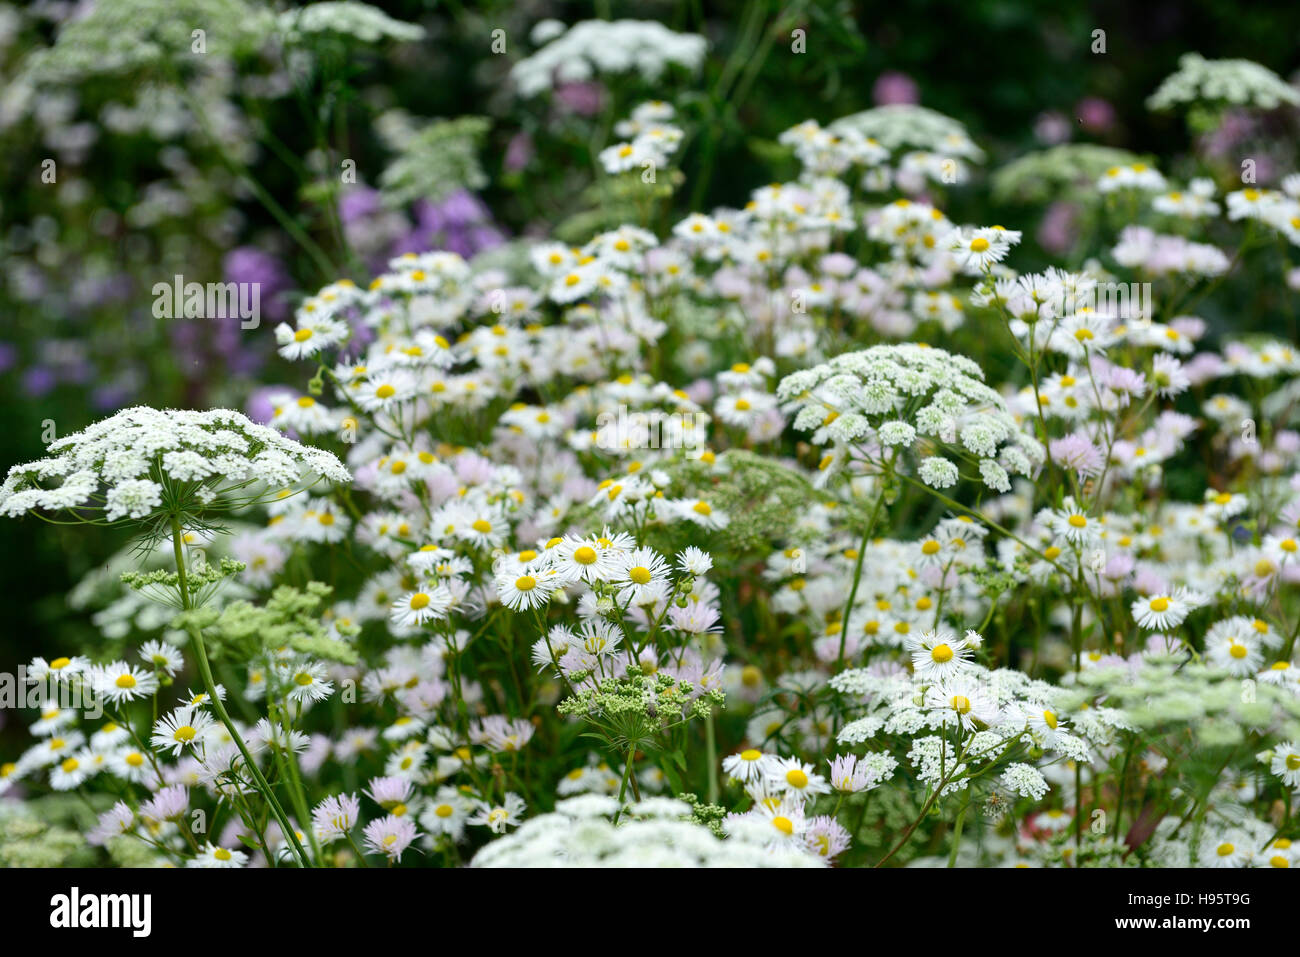 Ammi Majus Gänseblümchen Gänseblümchen Blumen Blume Blüte weiß mischen gemischten Kombination wilde natürliche Tierwelt Garten RM Floral Stockfoto